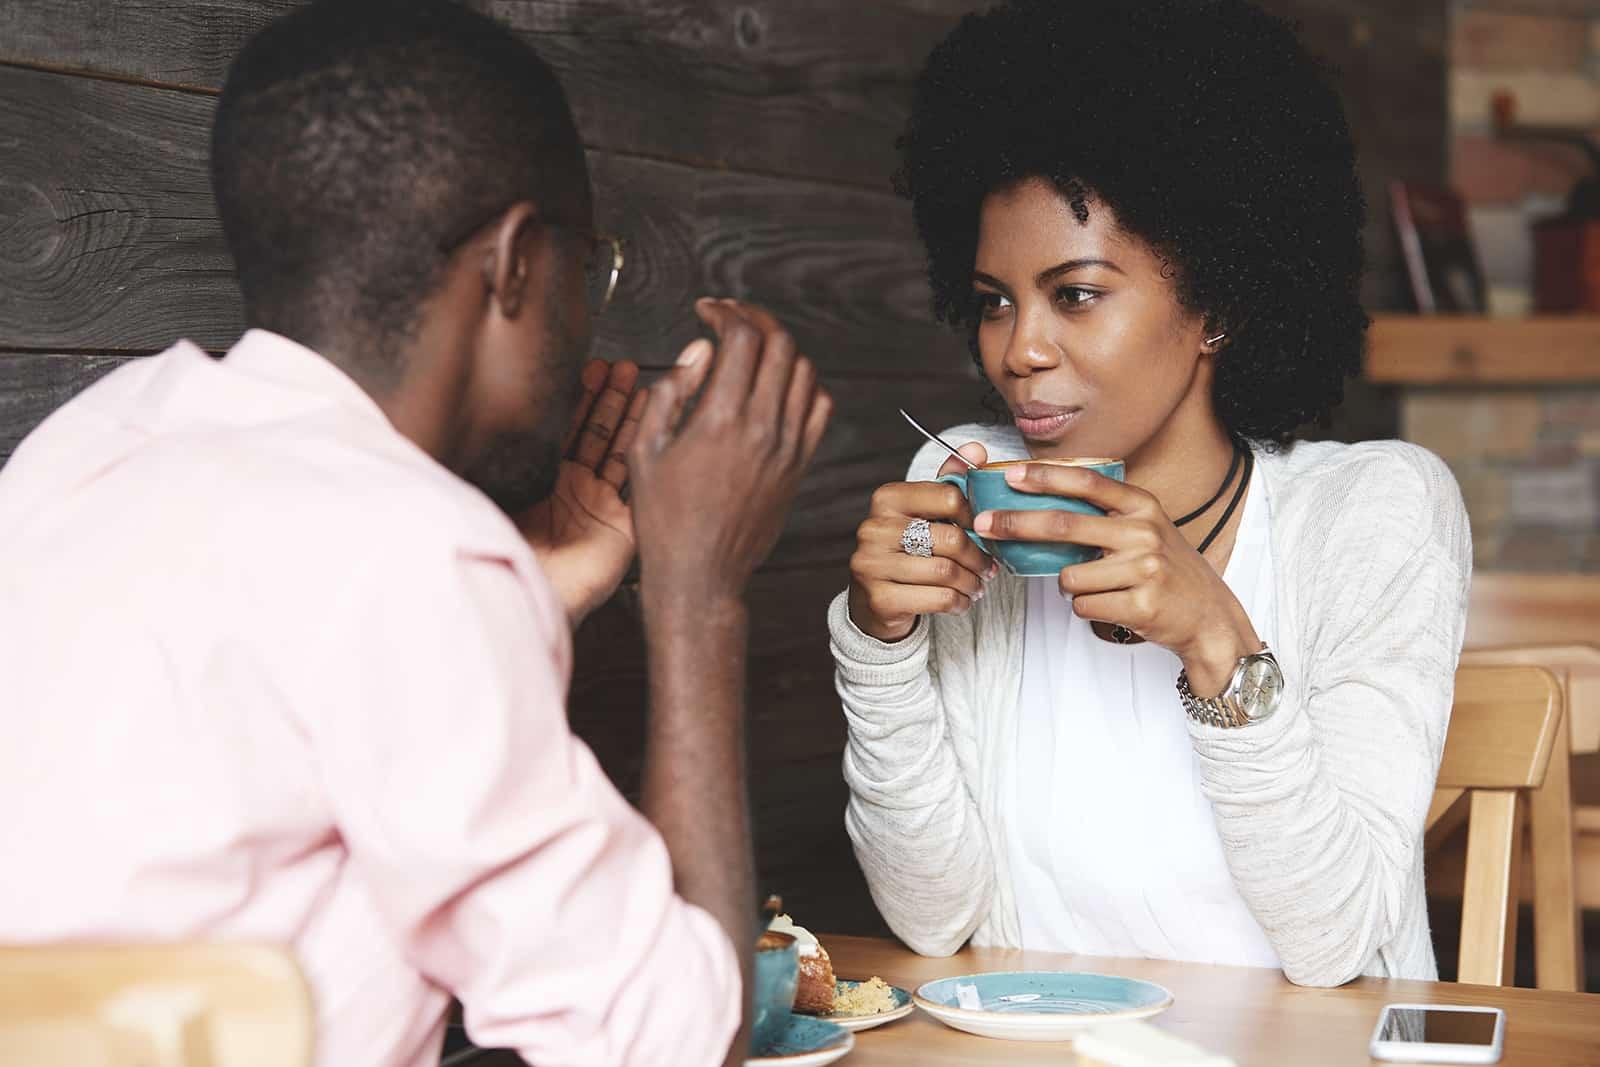 Ein Mann und eine Frau unterhalten sich in einem Café über ein Date